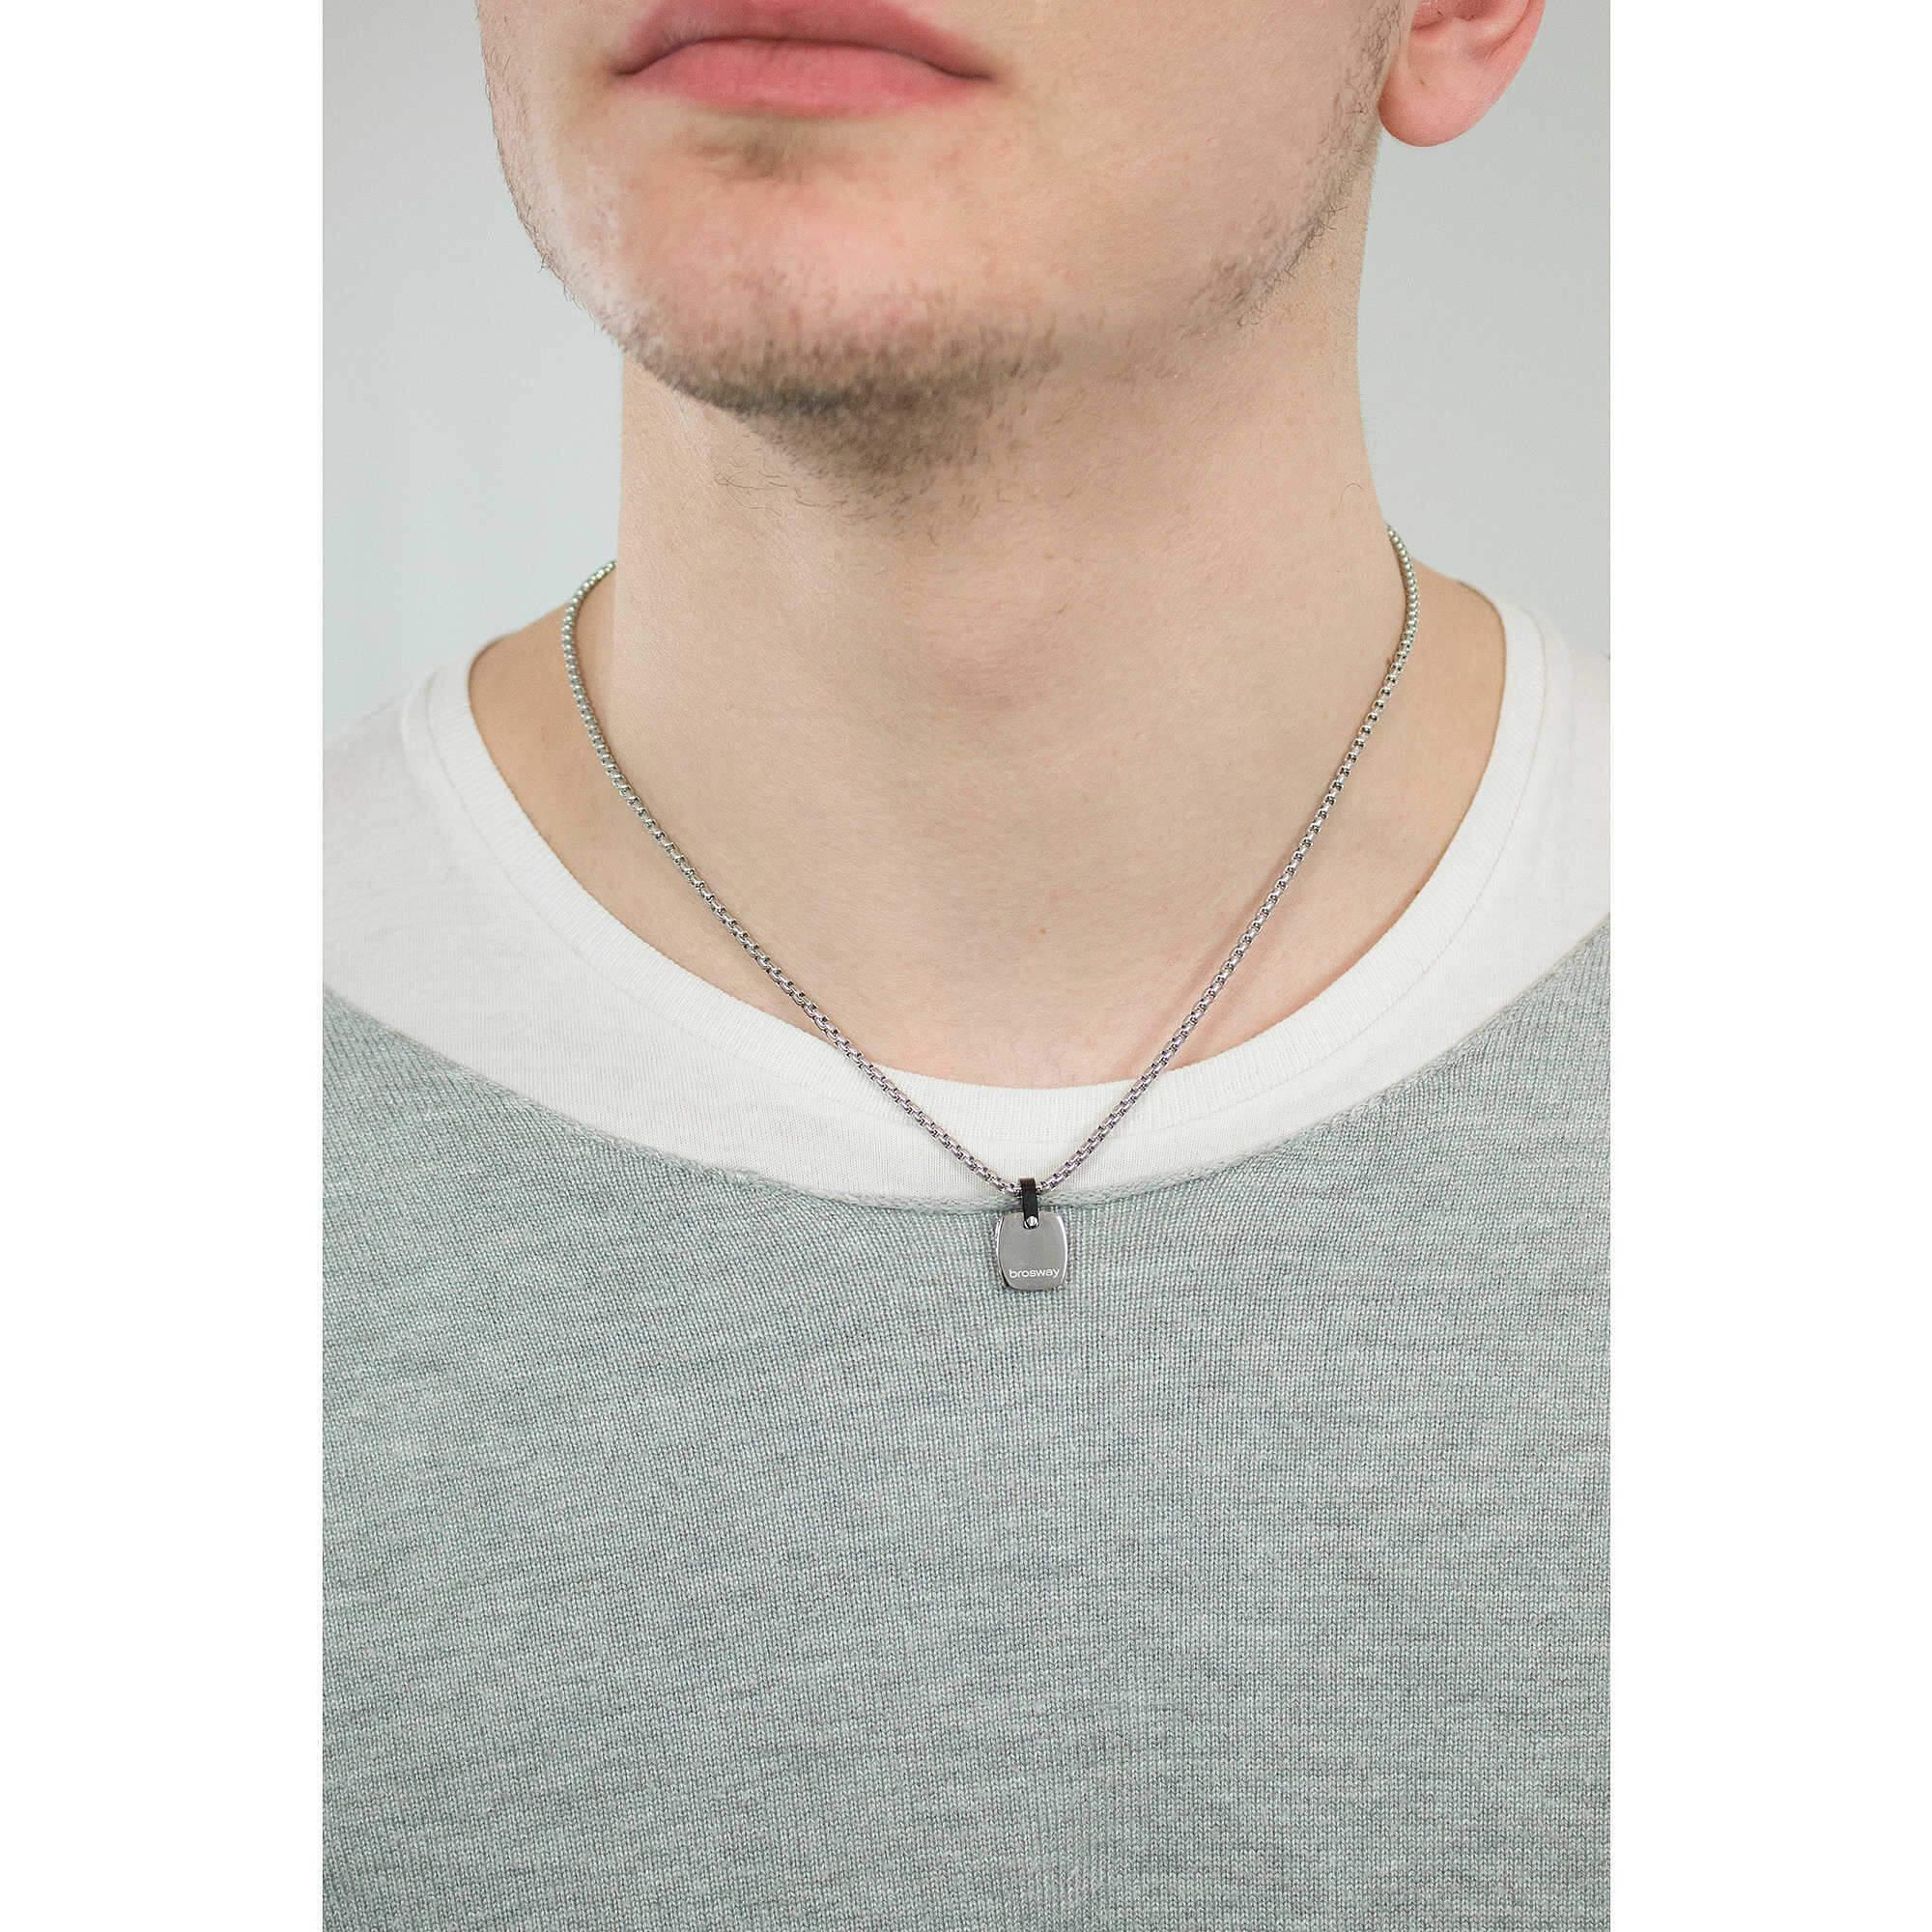 7e1703b5b Brosway Pánský ocelový náhrdelník Sign BGN03 | Sperky.cz